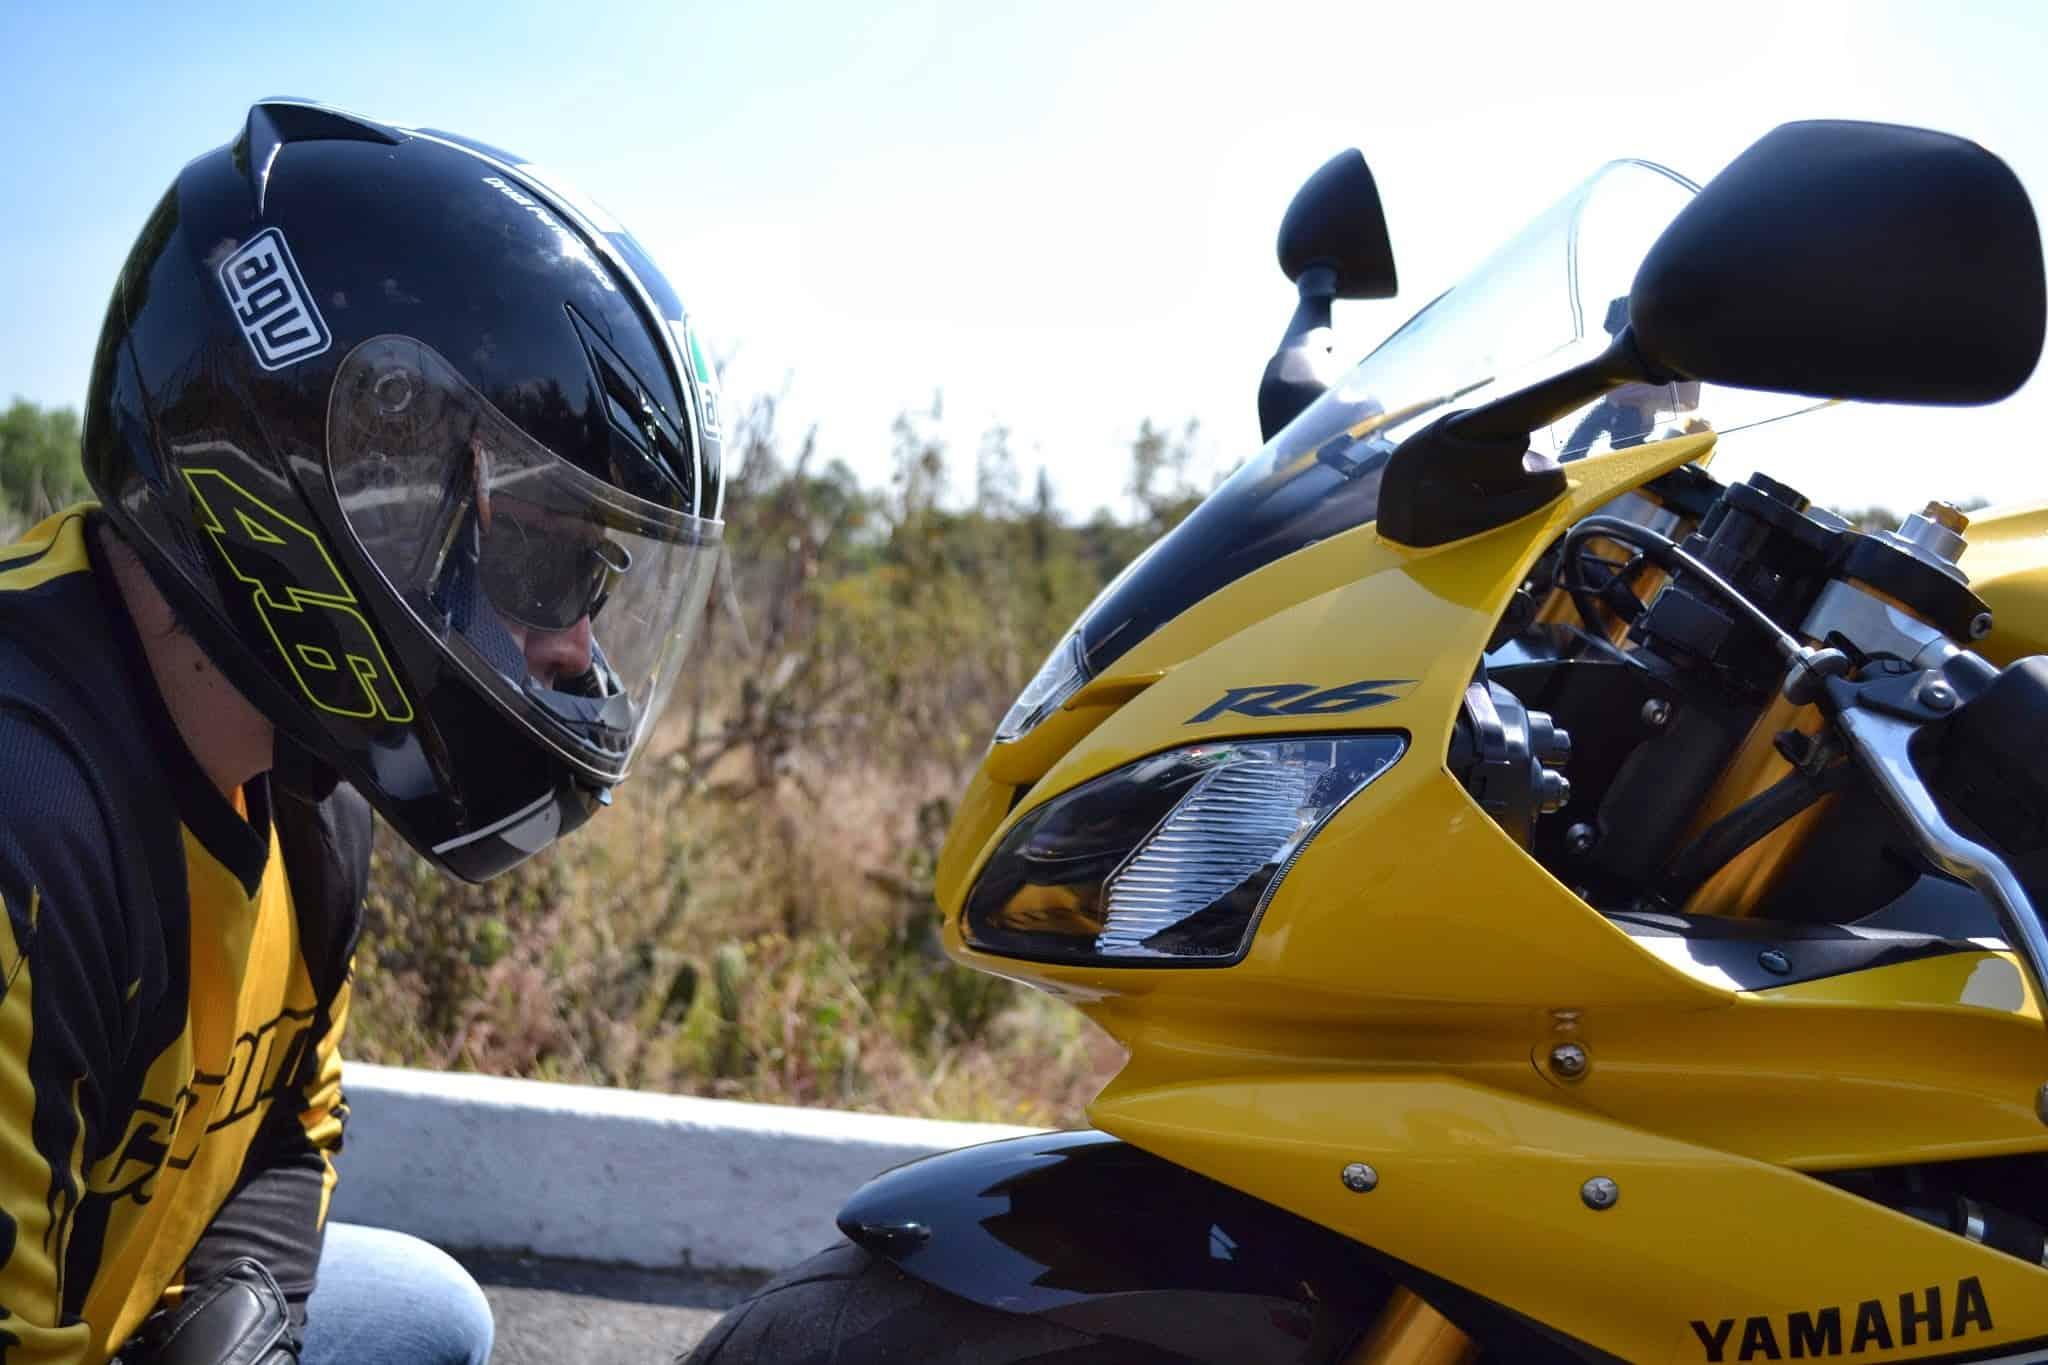 La moto y la vida evZek